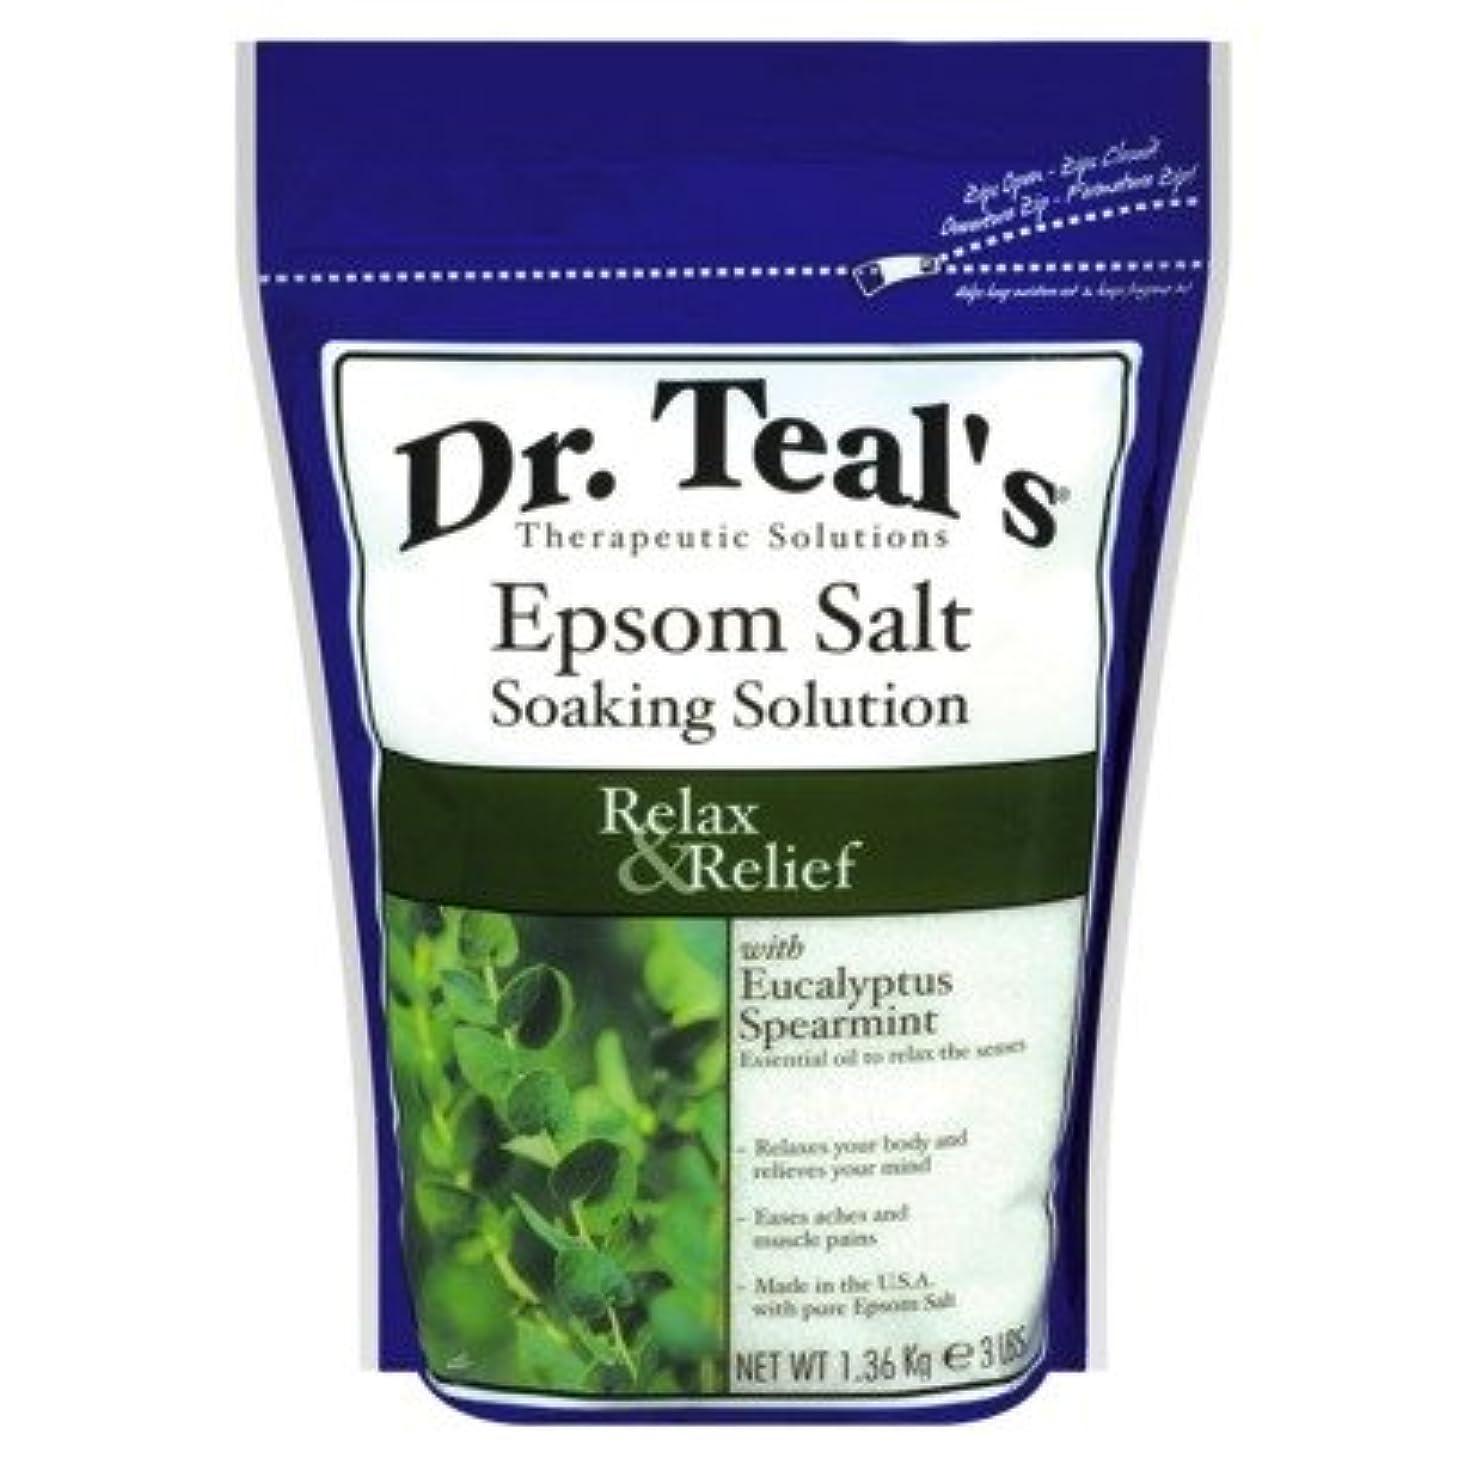 アイザック風邪をひくヘア【海外直送】リラックス効果 Dr. Teal's Relax Epsom Salt Eucalyptus Spearmint Soaking Solution ユーカリ&スペアミント 1.36kg